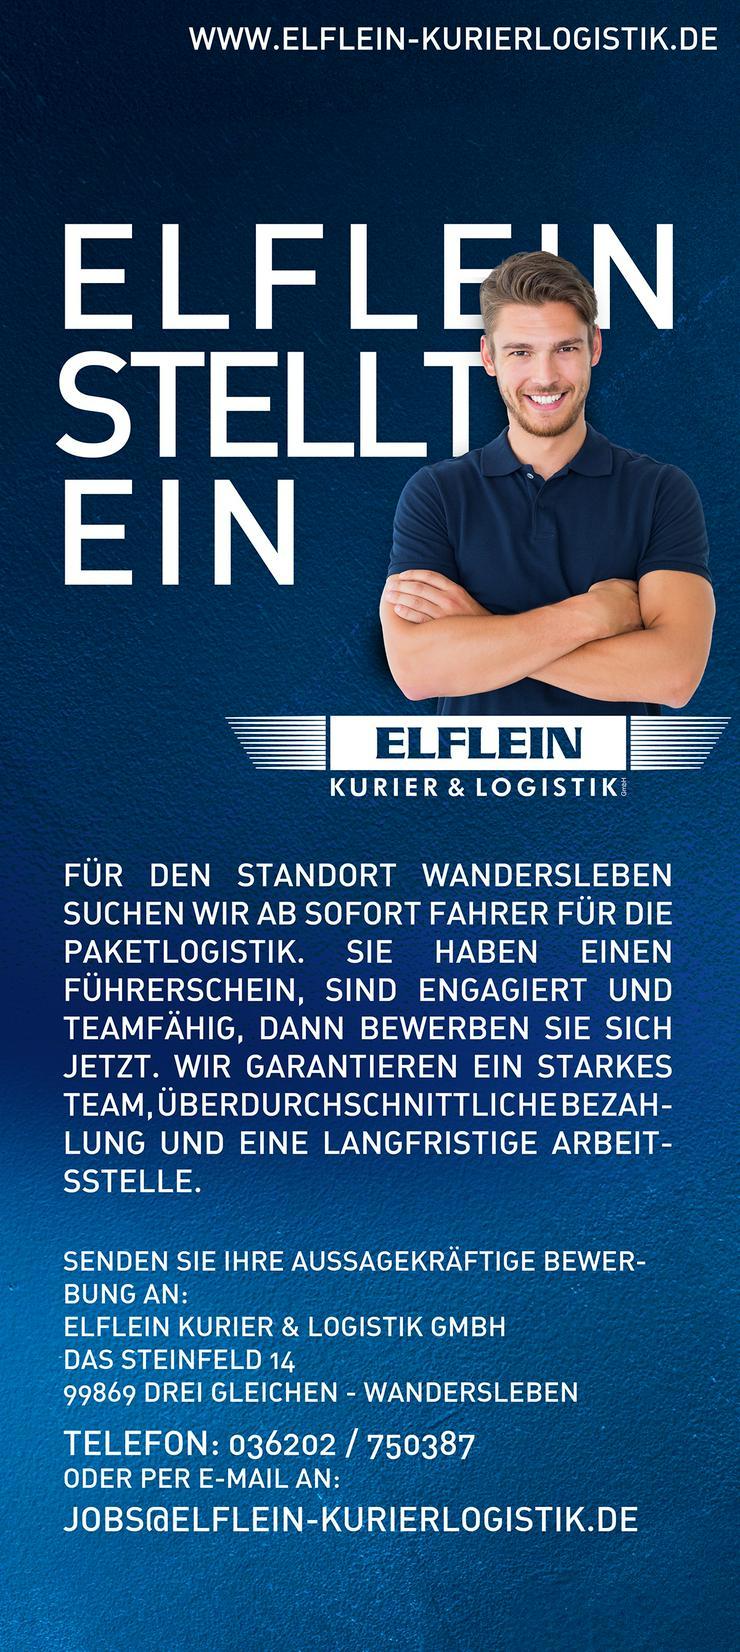 Elflein sucht Fahrer für die Paketlogistik